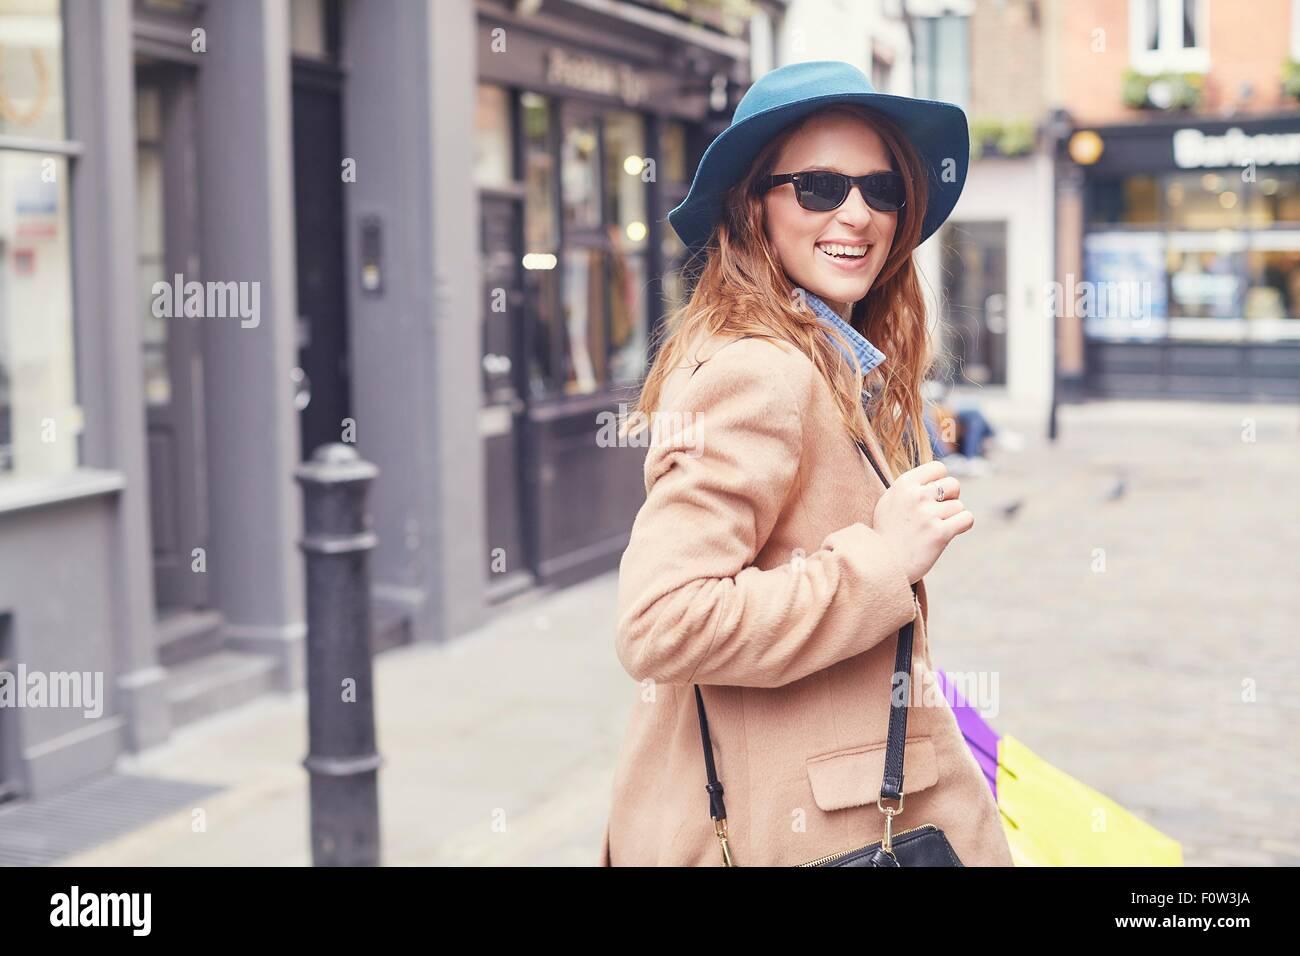 Porträt der stilvolle junge Frau auf der Suche über die Schulter, London, UK Stockbild